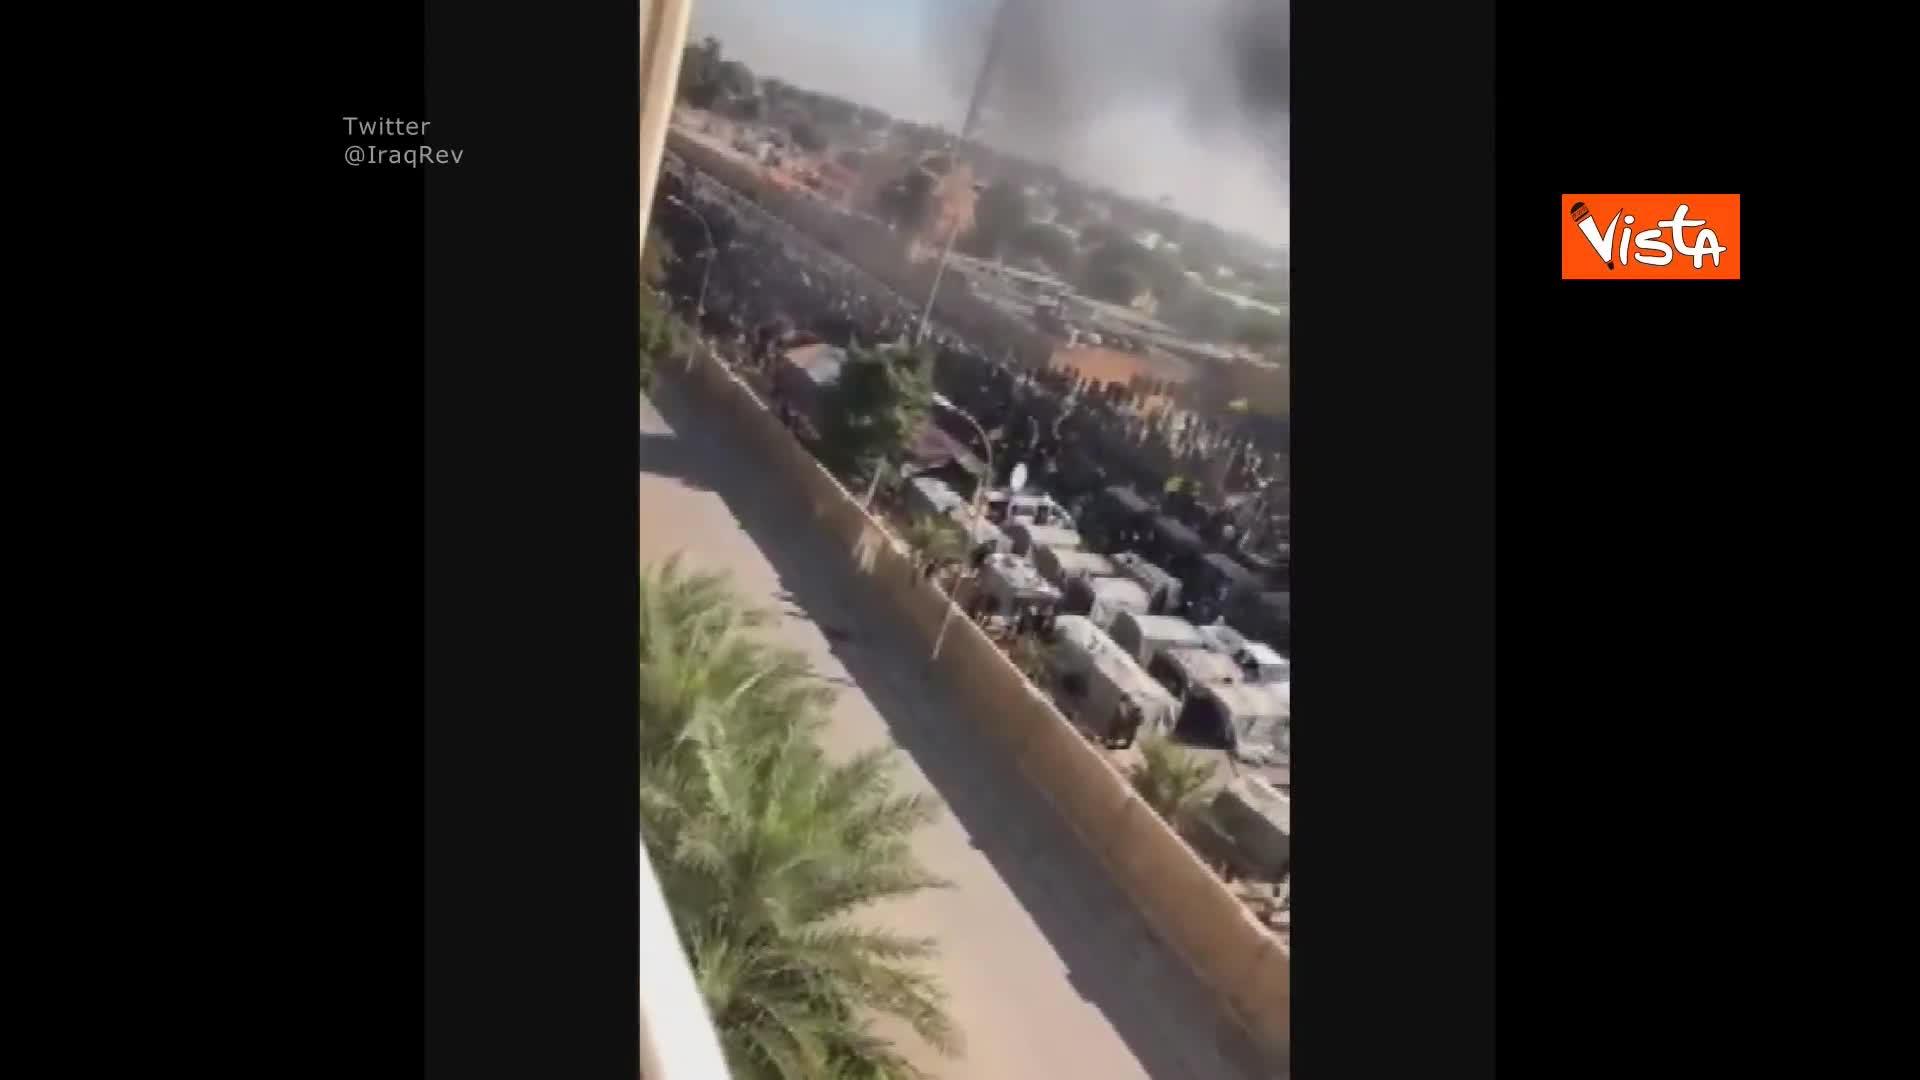 Ambasciata Usa in Iraq in fiamme e assaltata dai manifestanti